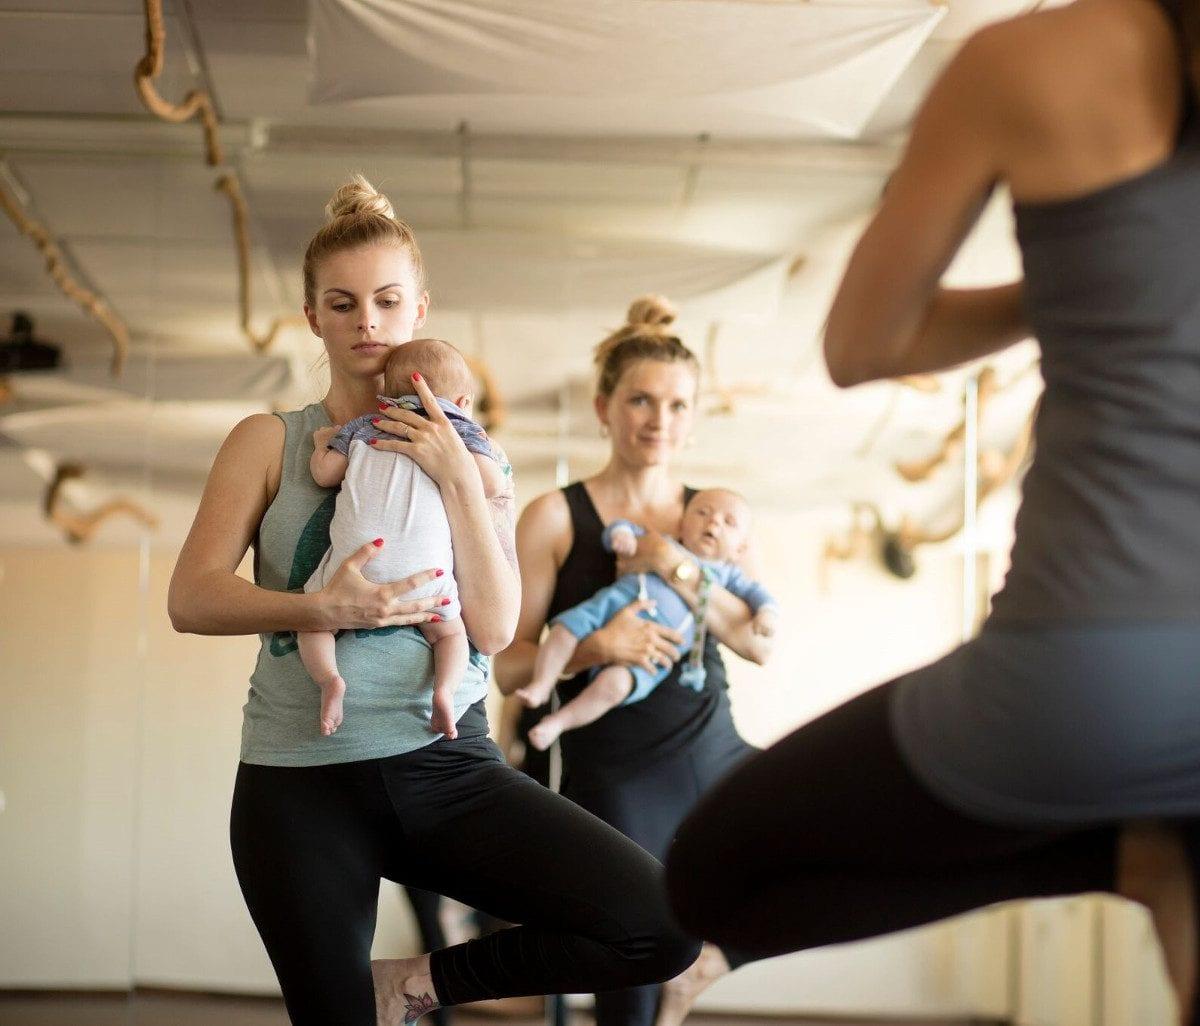 Kurse für Schwangerschaft und Rückbildung